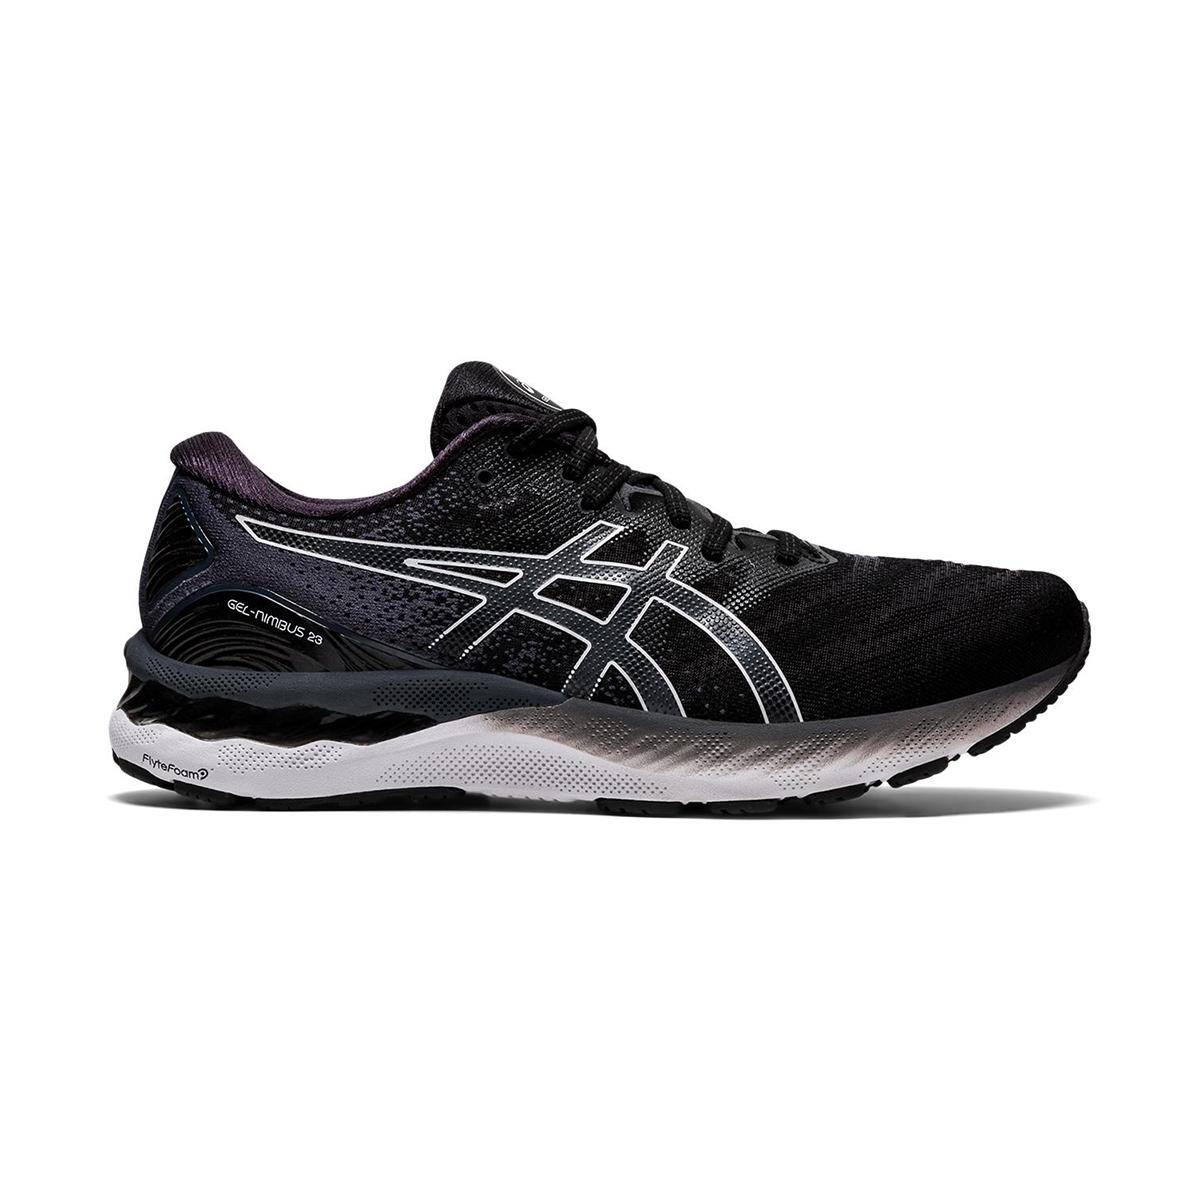 Men's Asics GEL-Nimbus 23 Running Shoe, , large, image 1